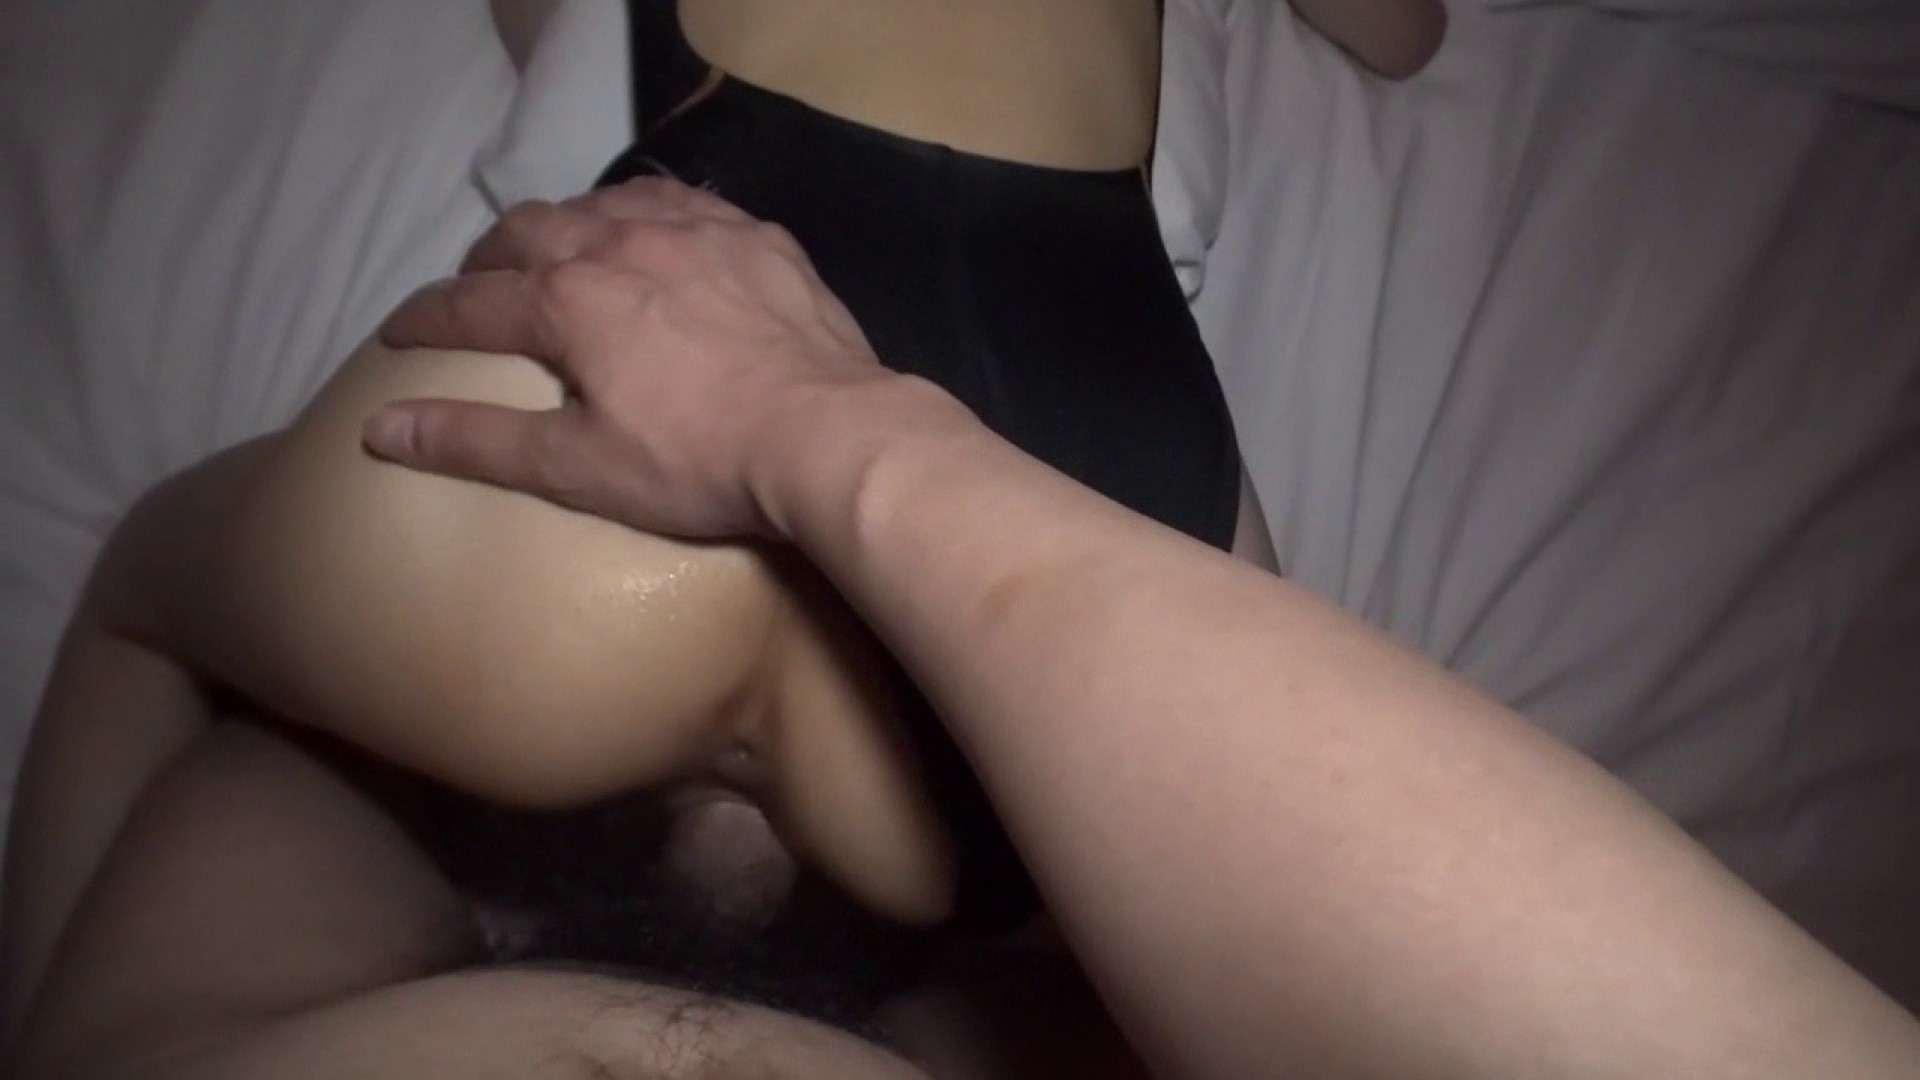 おしえてギャル子のH塾 Vol.18 後編 超エロギャル  99枚 10